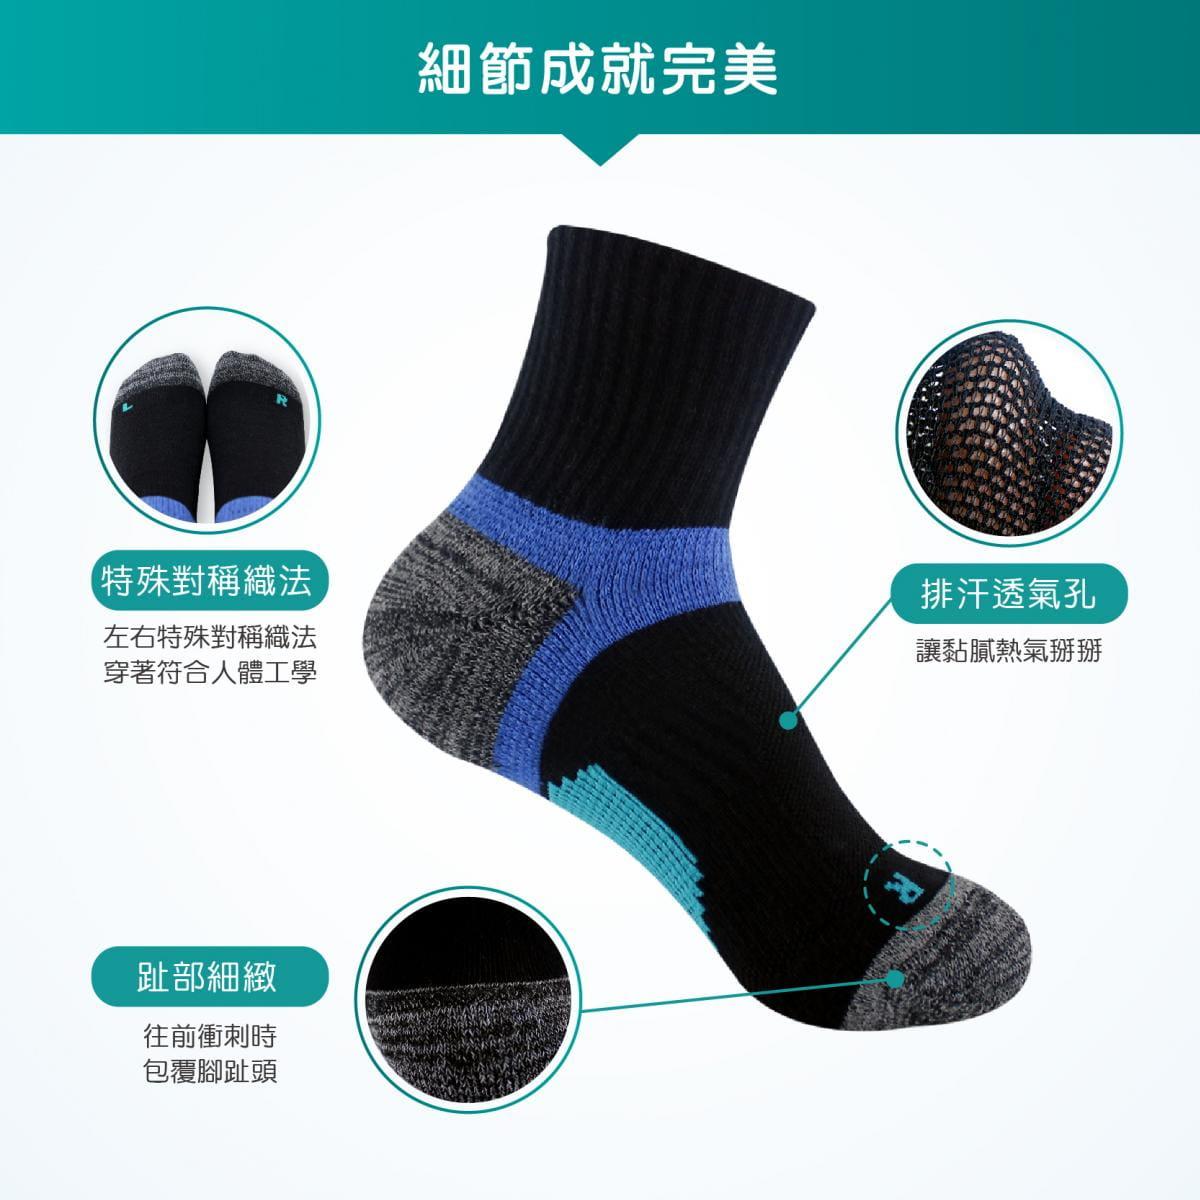 【FAV】兒童足弓除臭襪-無止滑 1